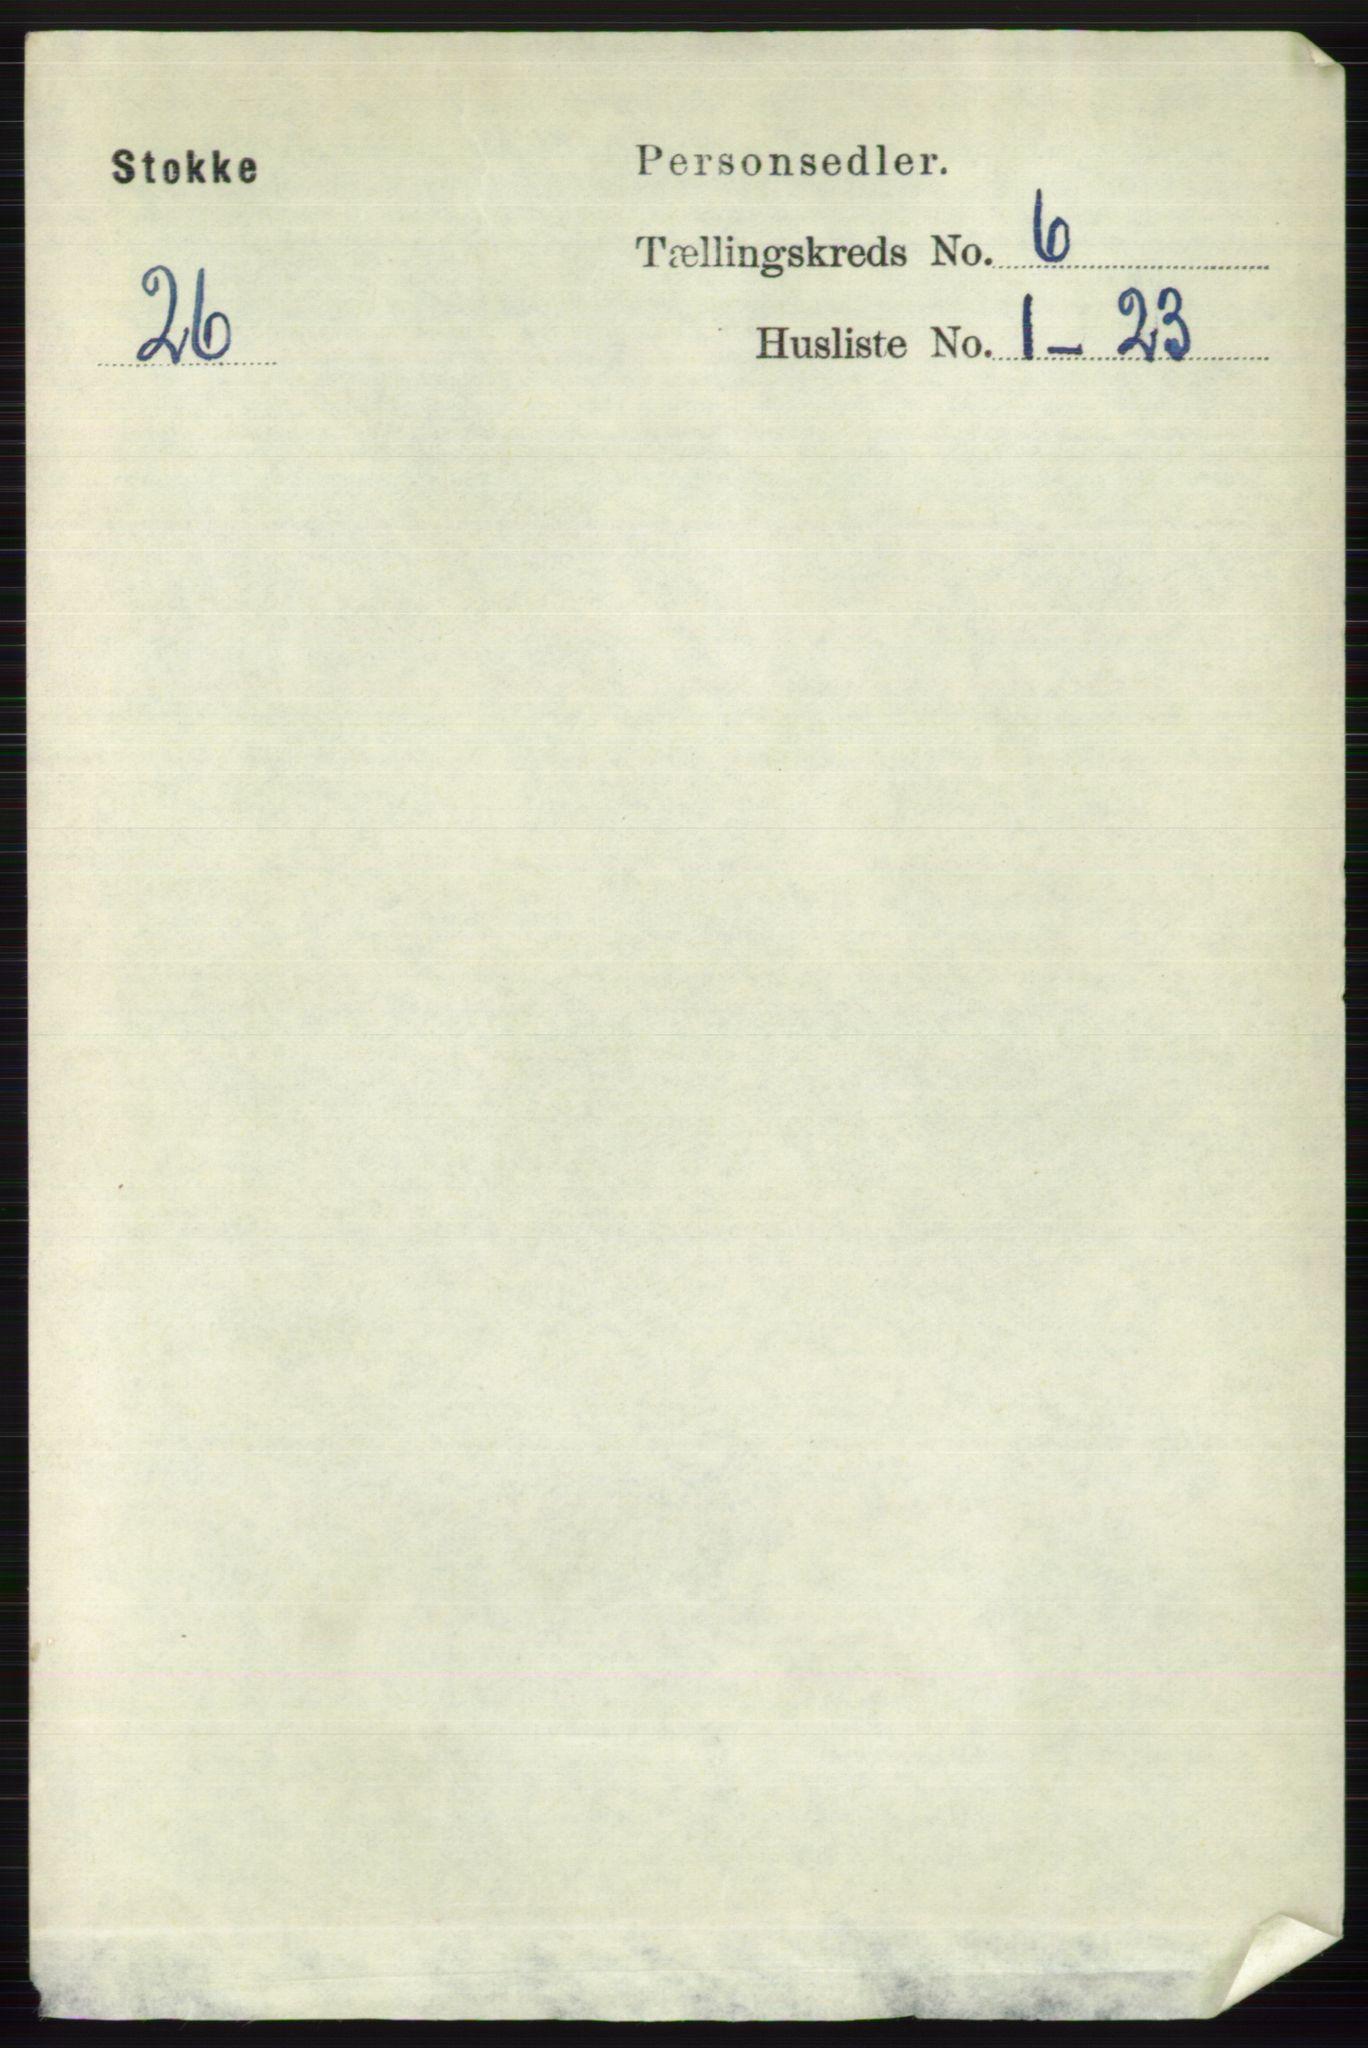 RA, Folketelling 1891 for 0720 Stokke herred, 1891, s. 3791